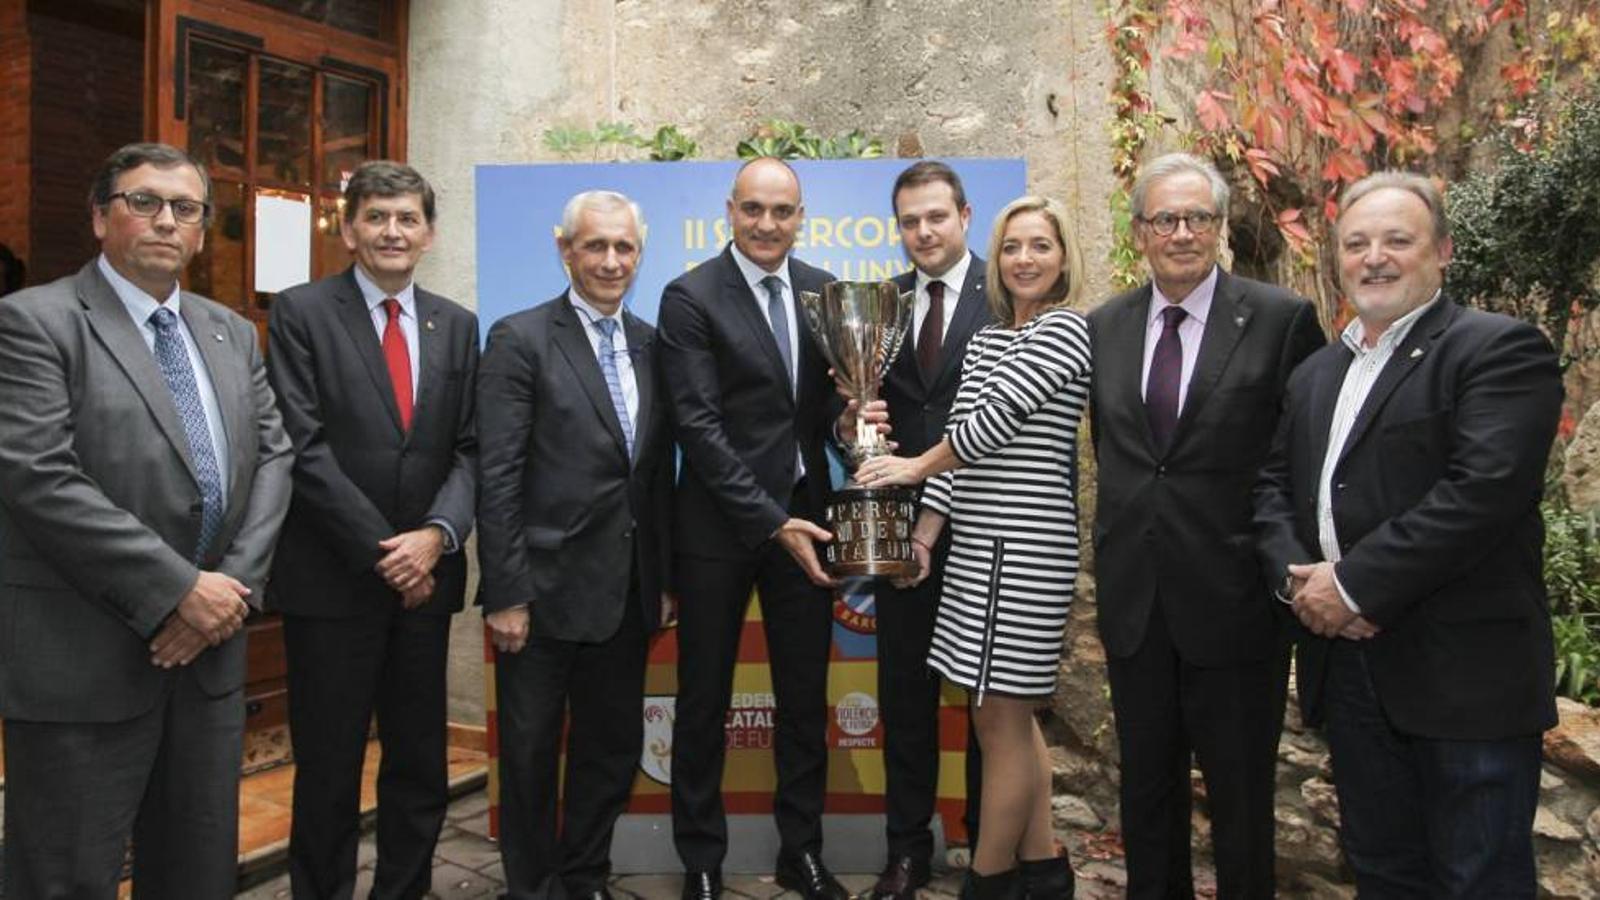 Andreu Subies, acompanyat per directius dels clubs participants i autoritats